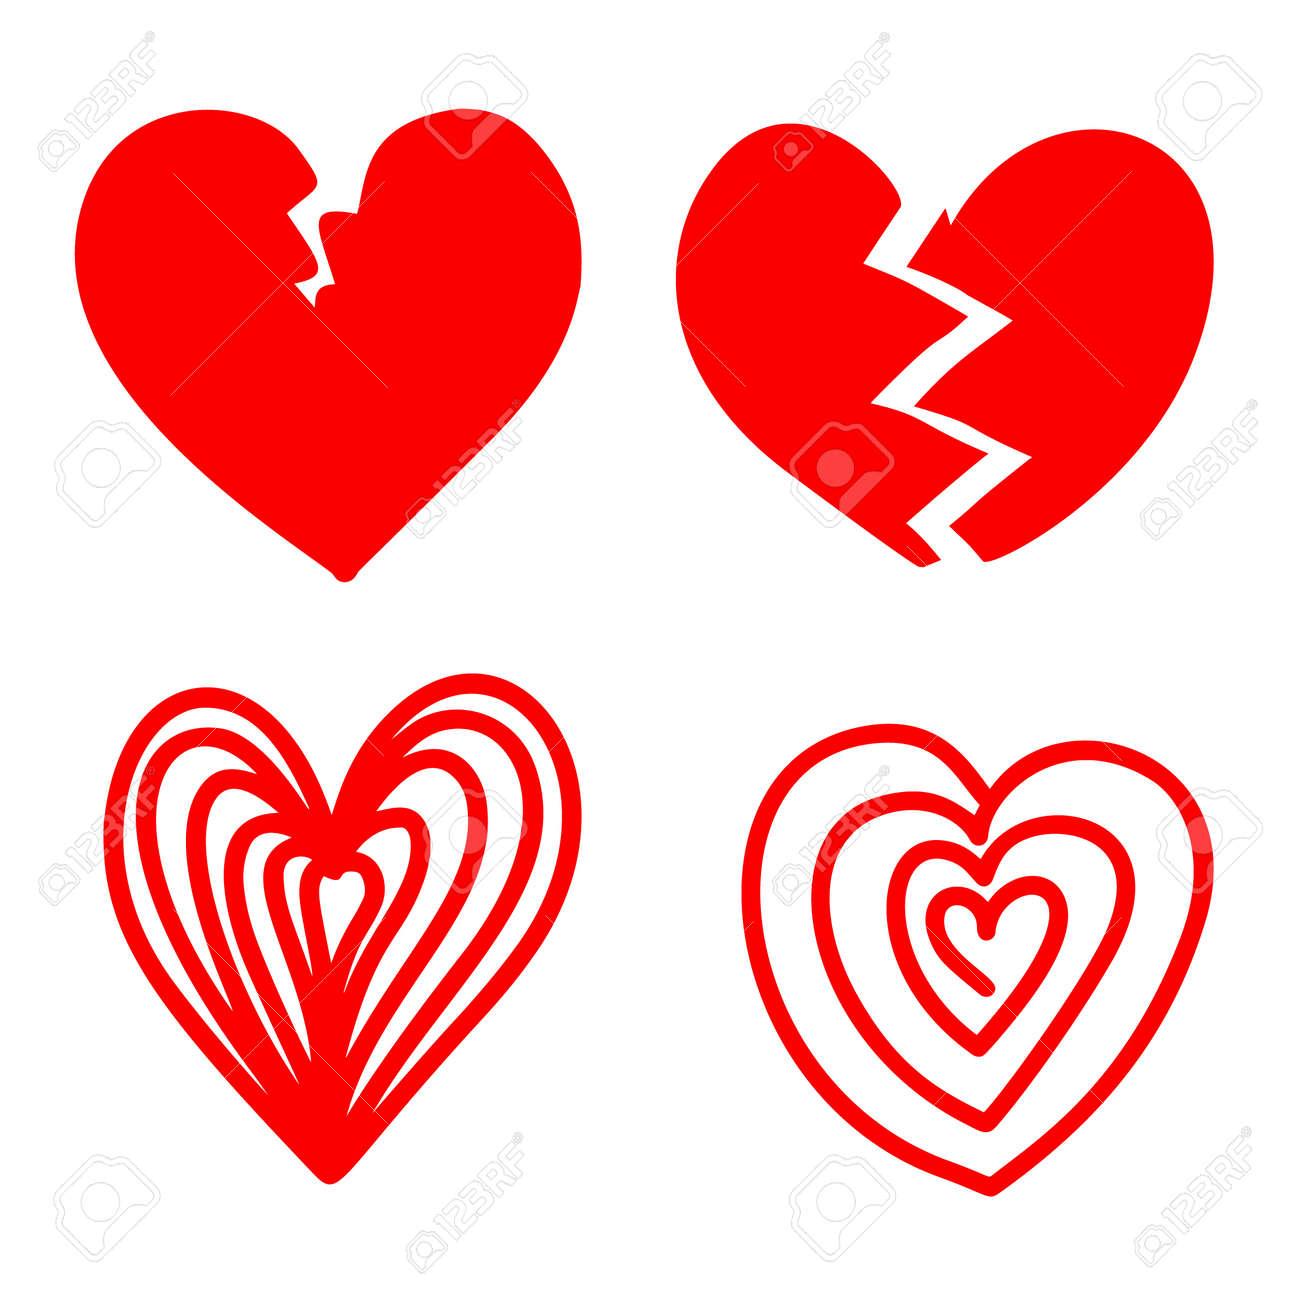 Set of illustrations of doodle hearts. Design element for poster, card, banner, sign, emblem. Vector illustration - 171212878